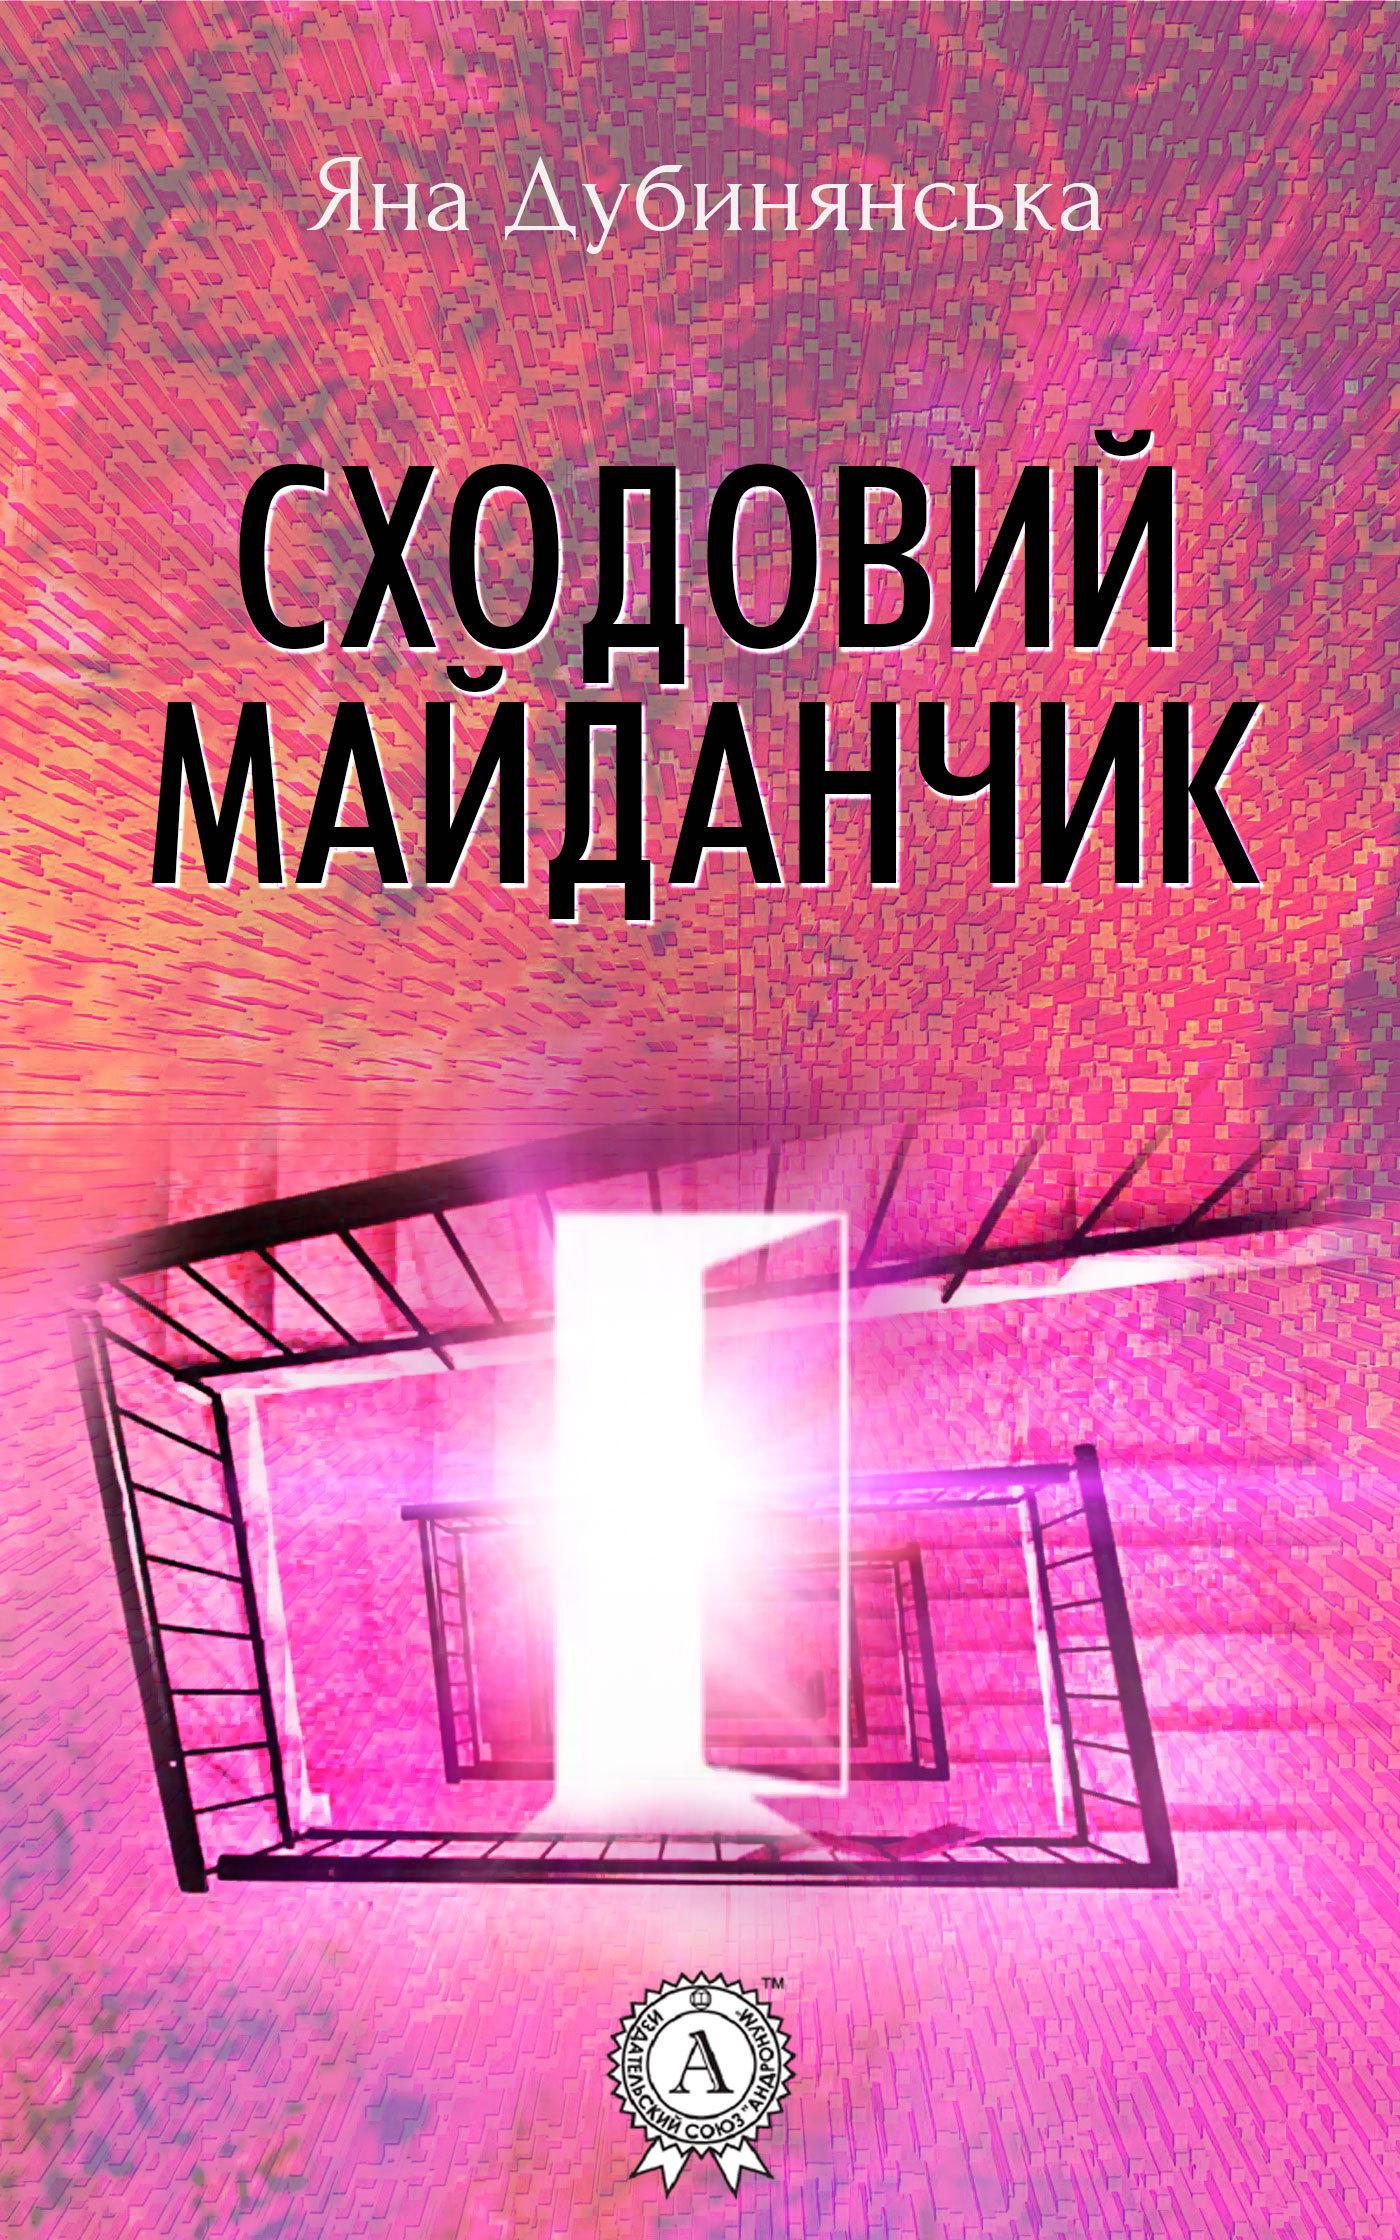 Яна Дубинянская Сходовий майданчик дмитро павличко любов і ненависть вибране